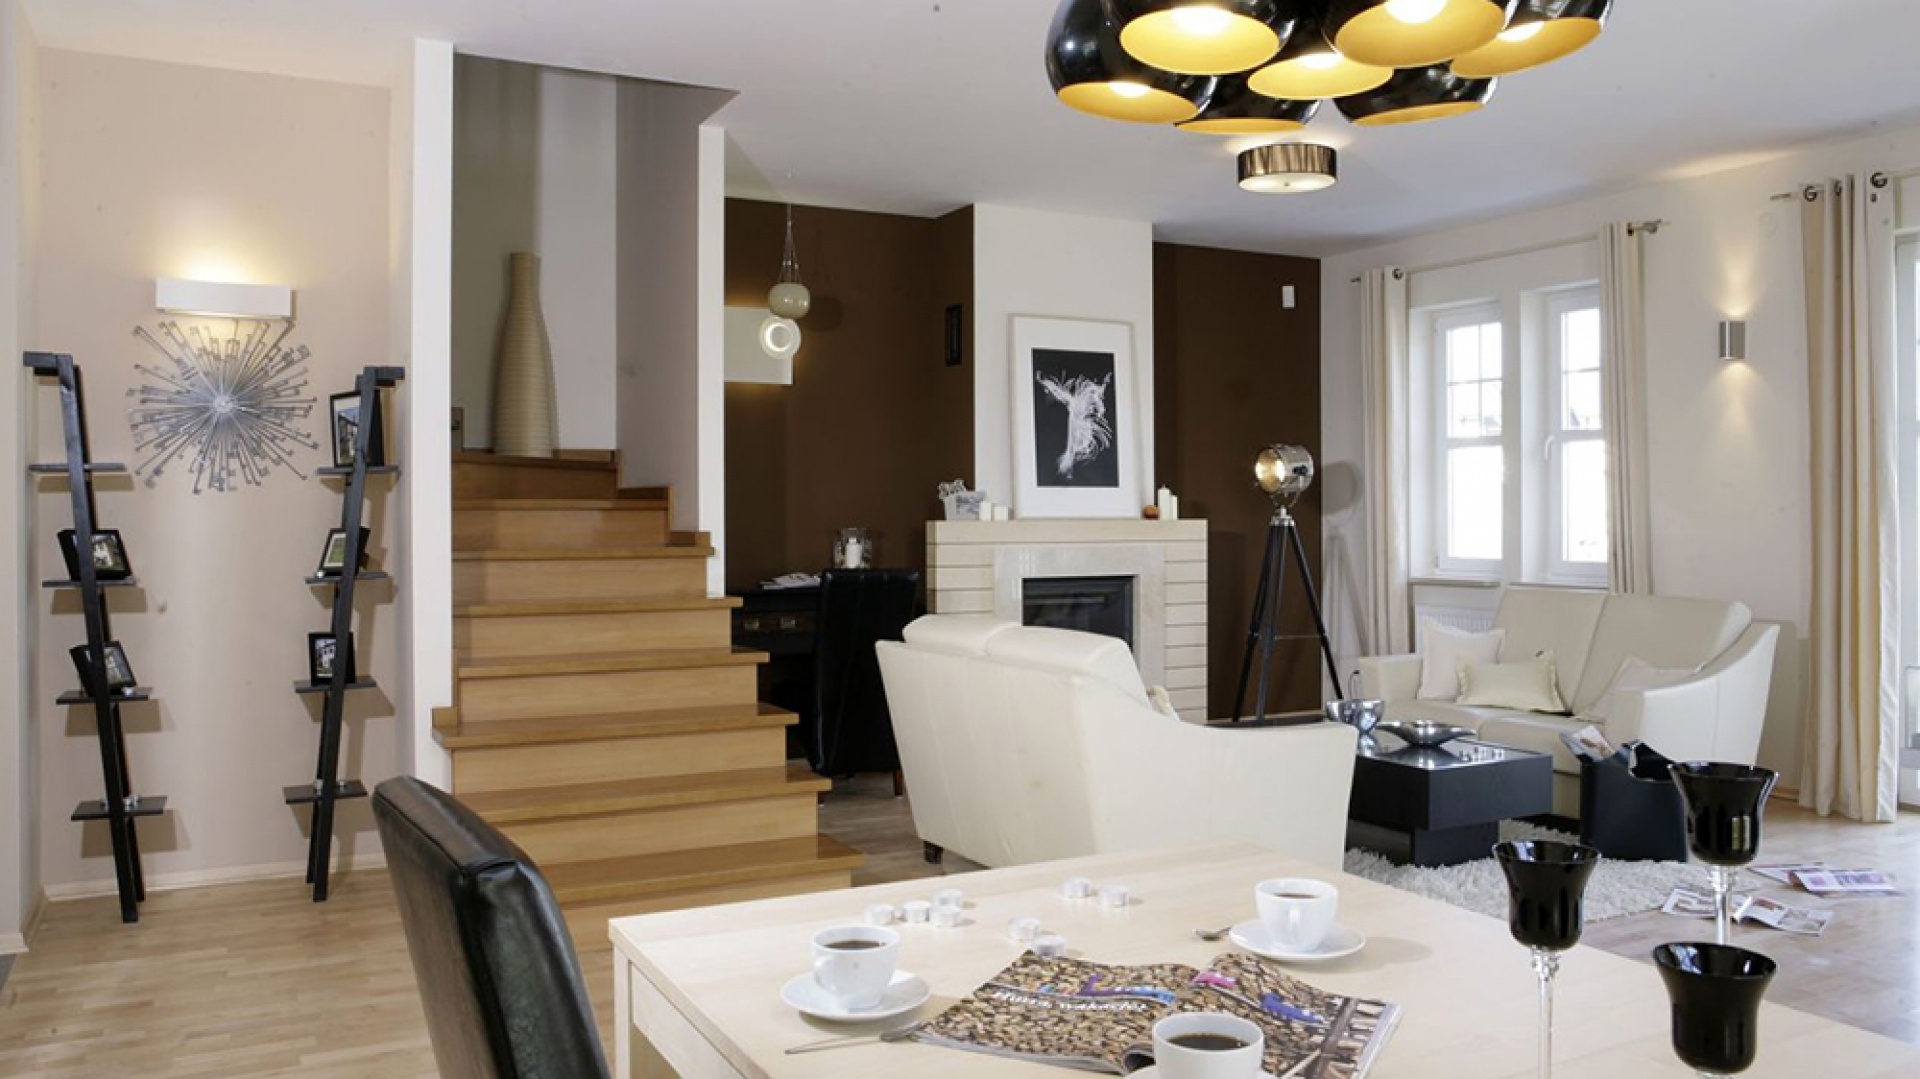 Po lewej stronie schodów widać oryginalną, niemal rzeźbiarską konstrukcję. Składają się na nią minimalistyczne półki na zdjęcia (Ikea) i ultranowoczesny zegar (Hoft). Fot. Monika Filipiuk.